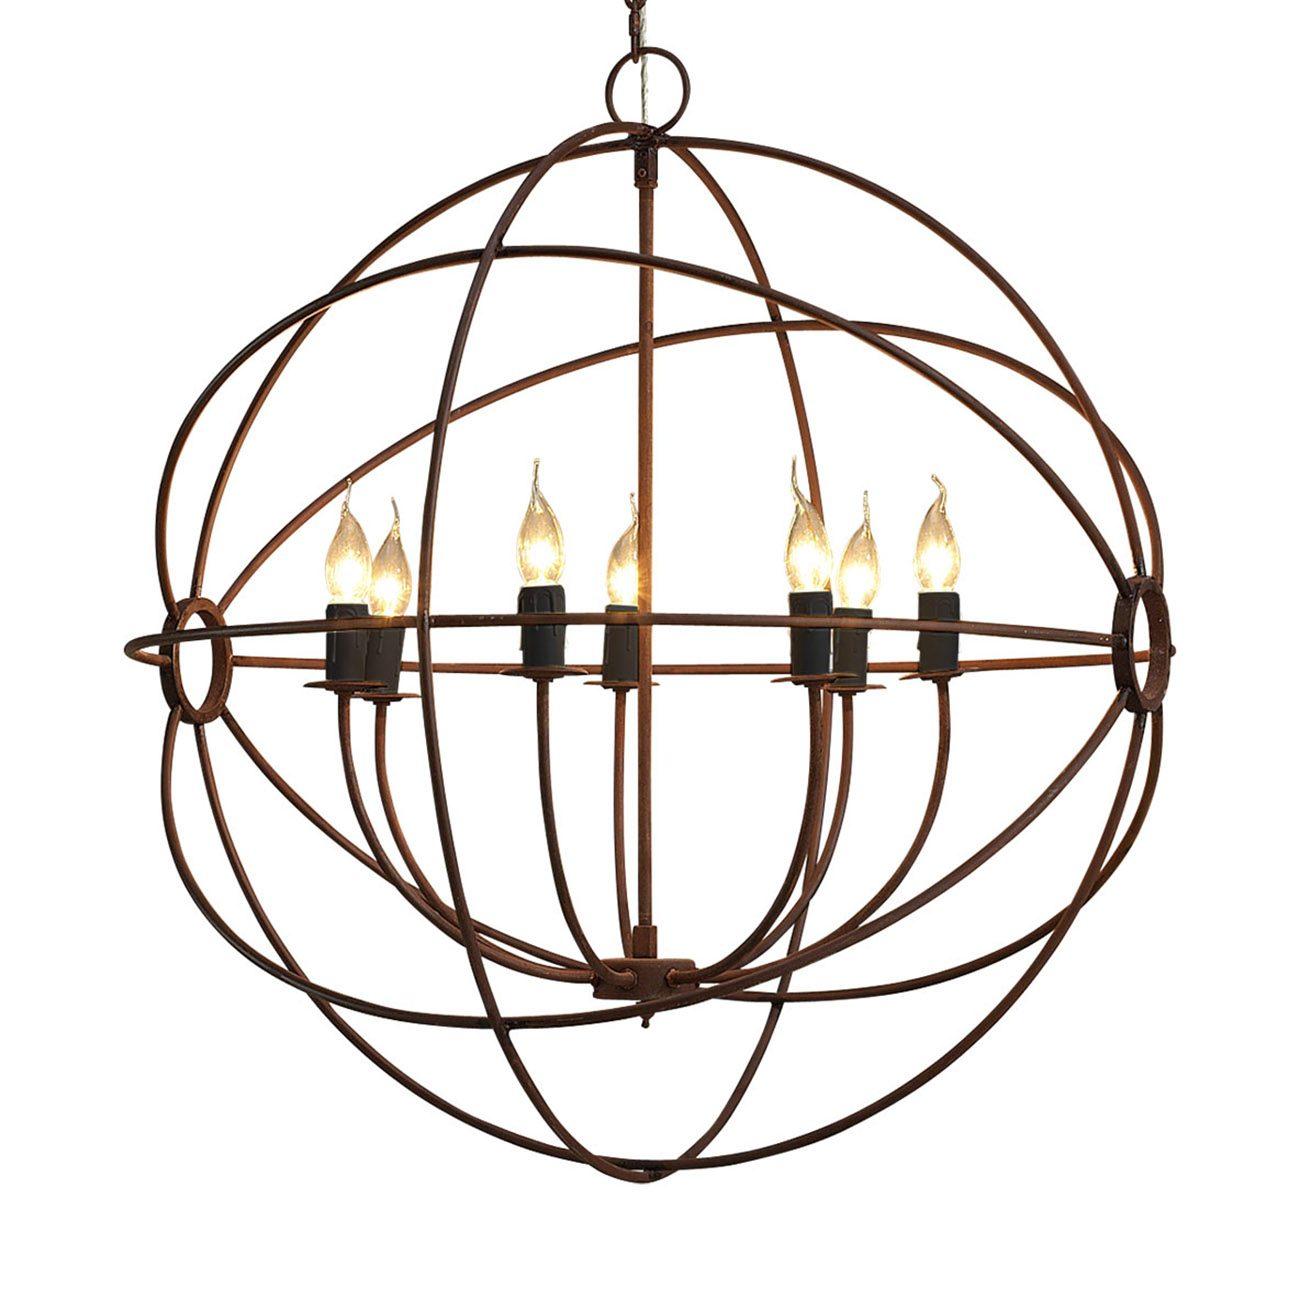 Gyro stor taklampa i antik rost metall från Artwood.